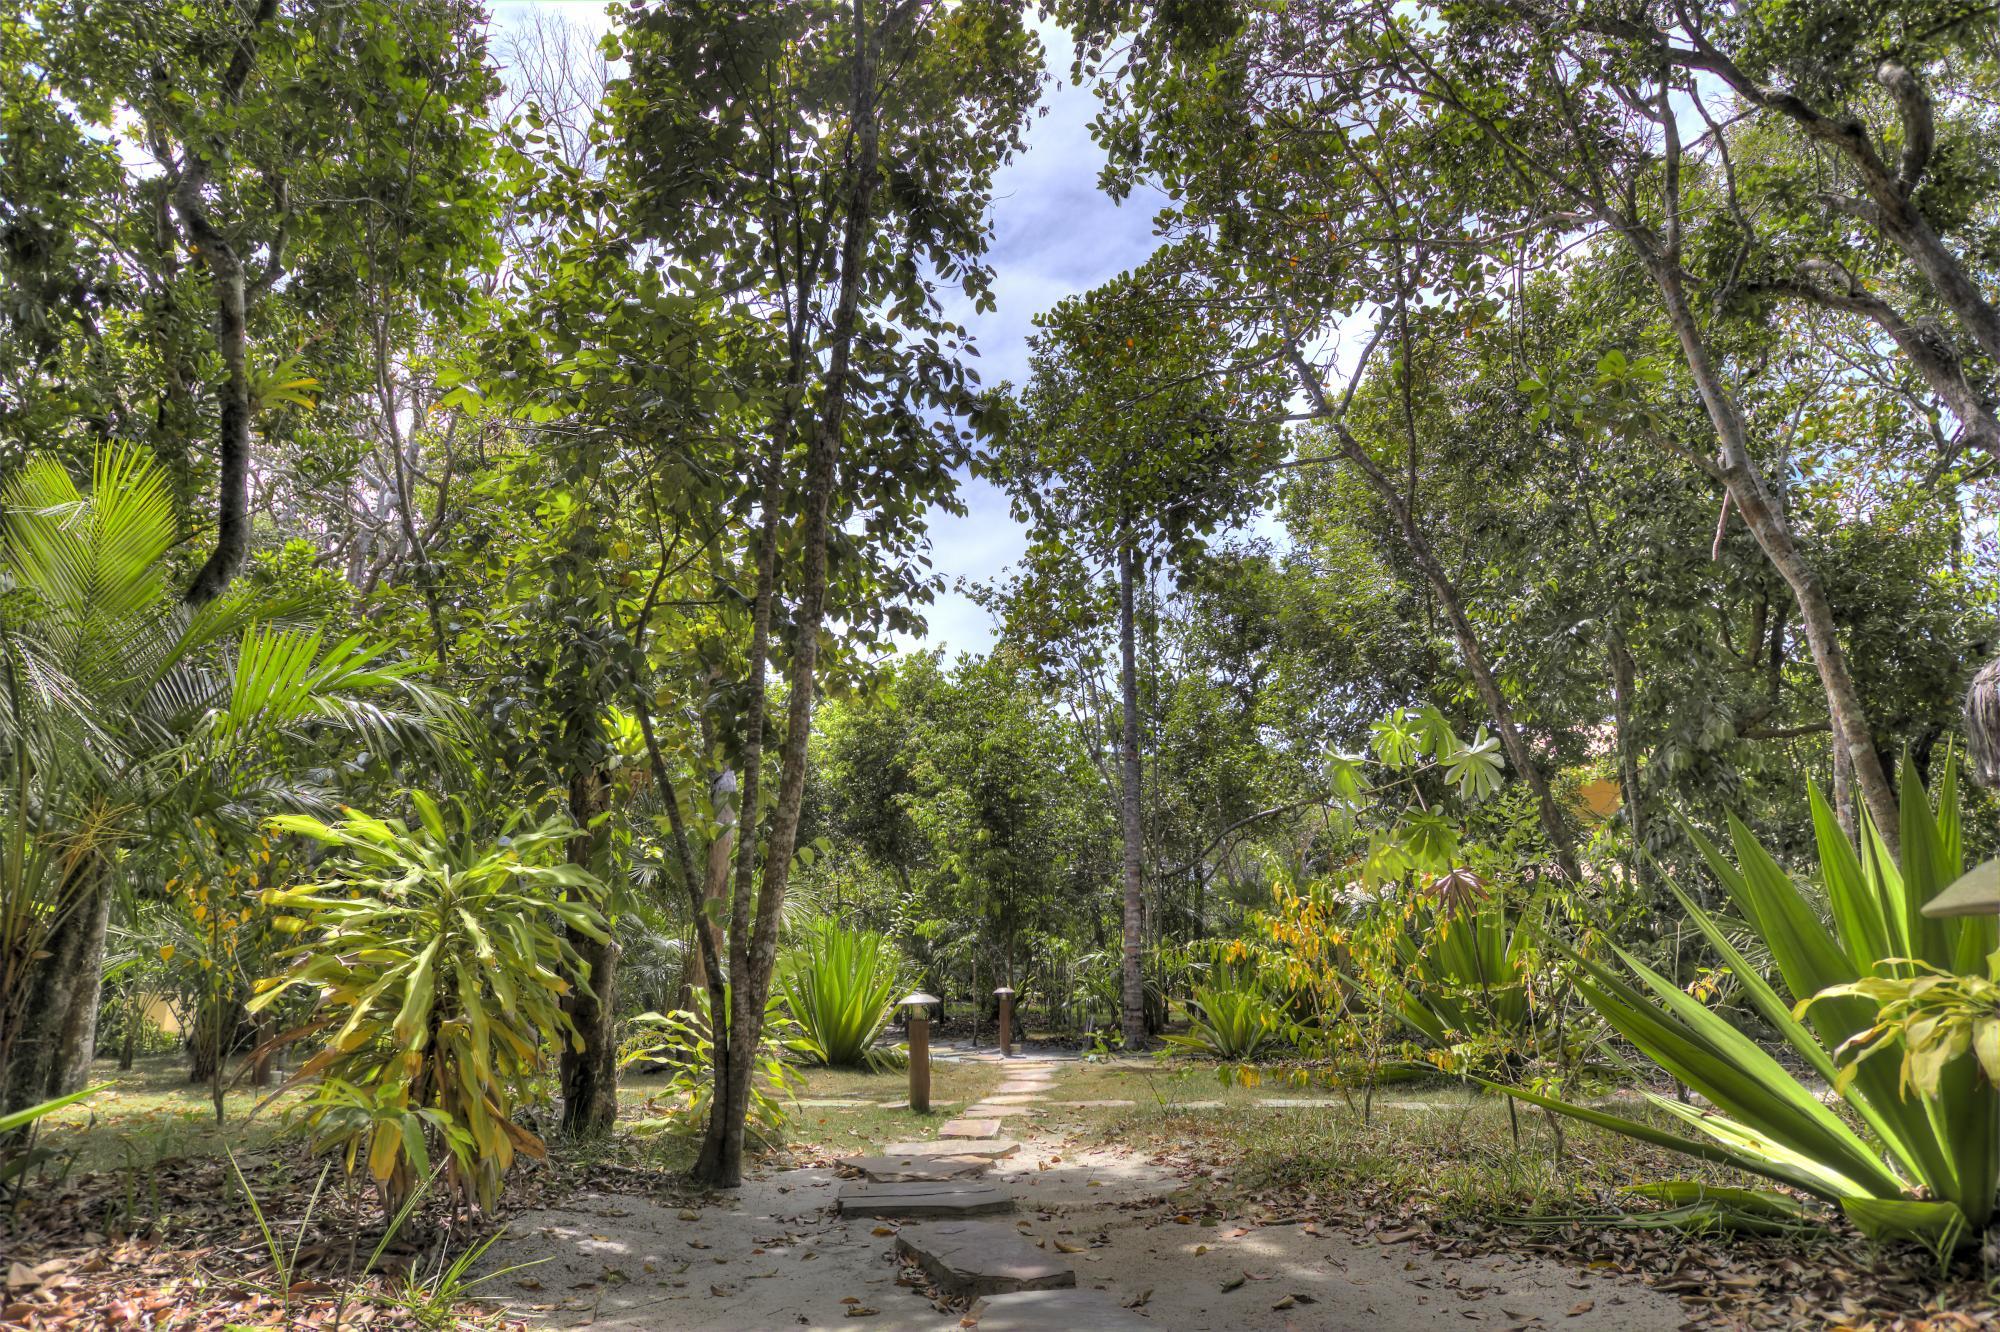 Para relaxar no verão e descansar longe de aglomerações, o Resort Village Mata Encantada, litoral sul da Bahia, é a opção certa para uma experiência tranquila e segura